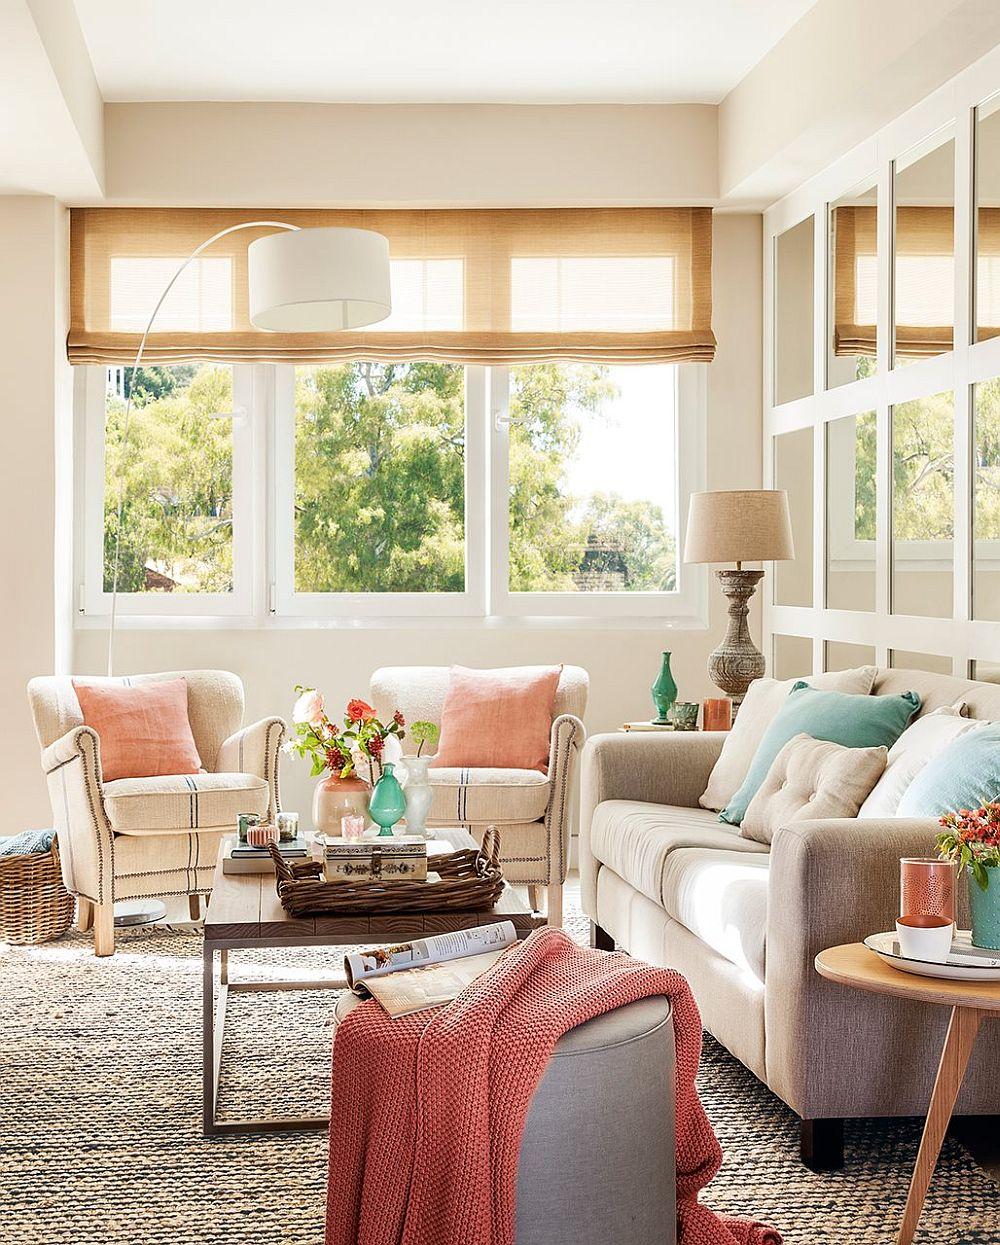 adelaparvu.com despre apartament de 65 mp, designer Mercedes Postigo, Foto ElMueble, Felipe Scheffel (5)